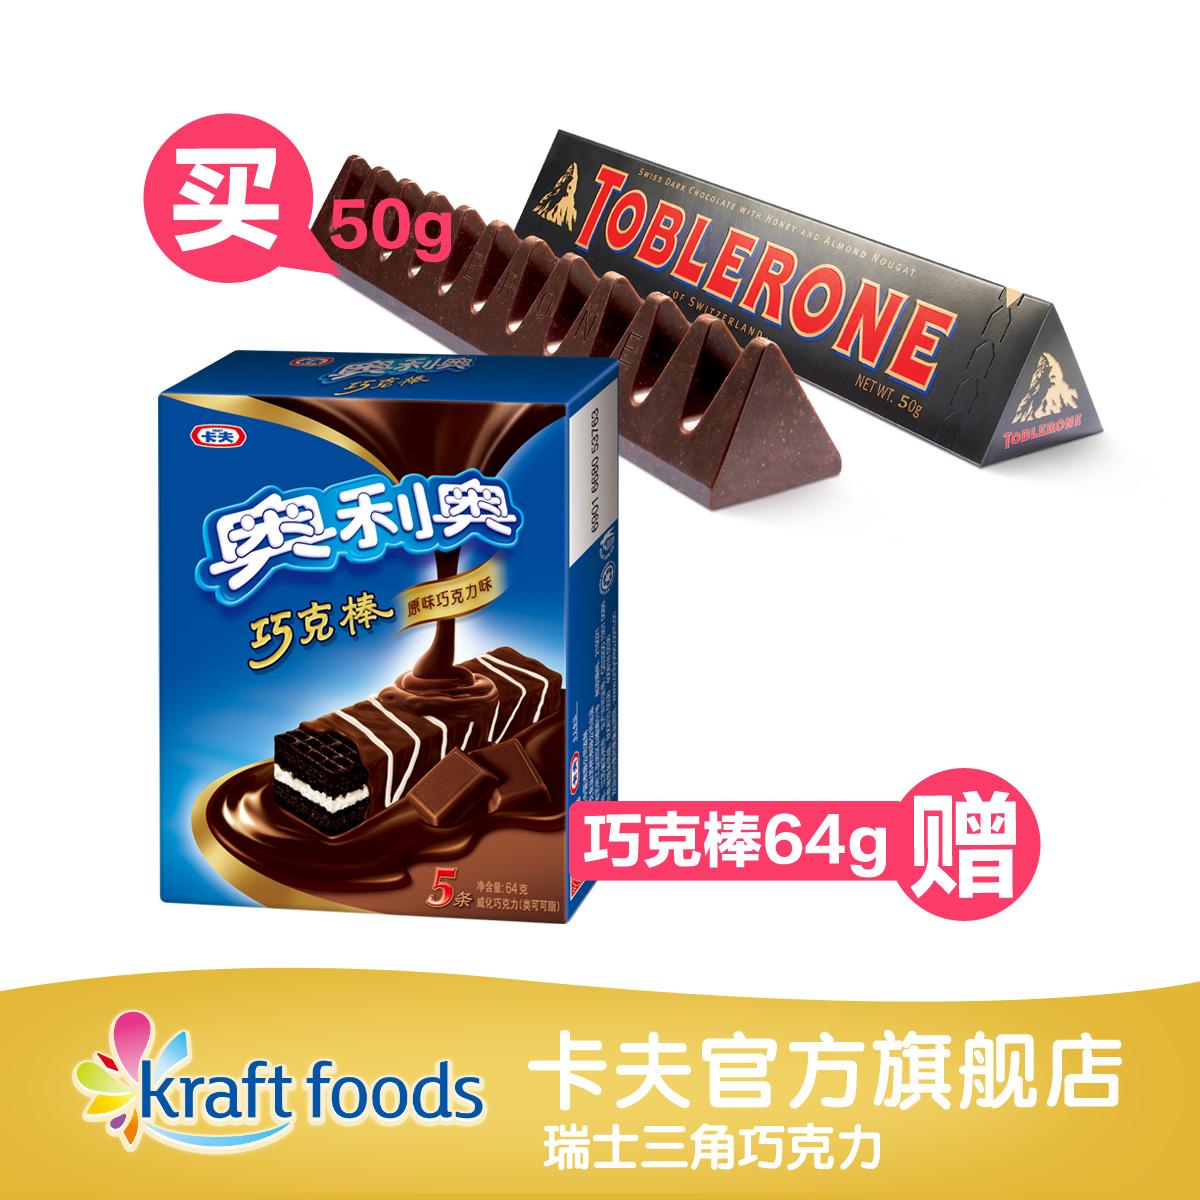 促销秒杀9.9元买50g送奥利奥饼干进口瑞士三角黑巧克力+巧克棒